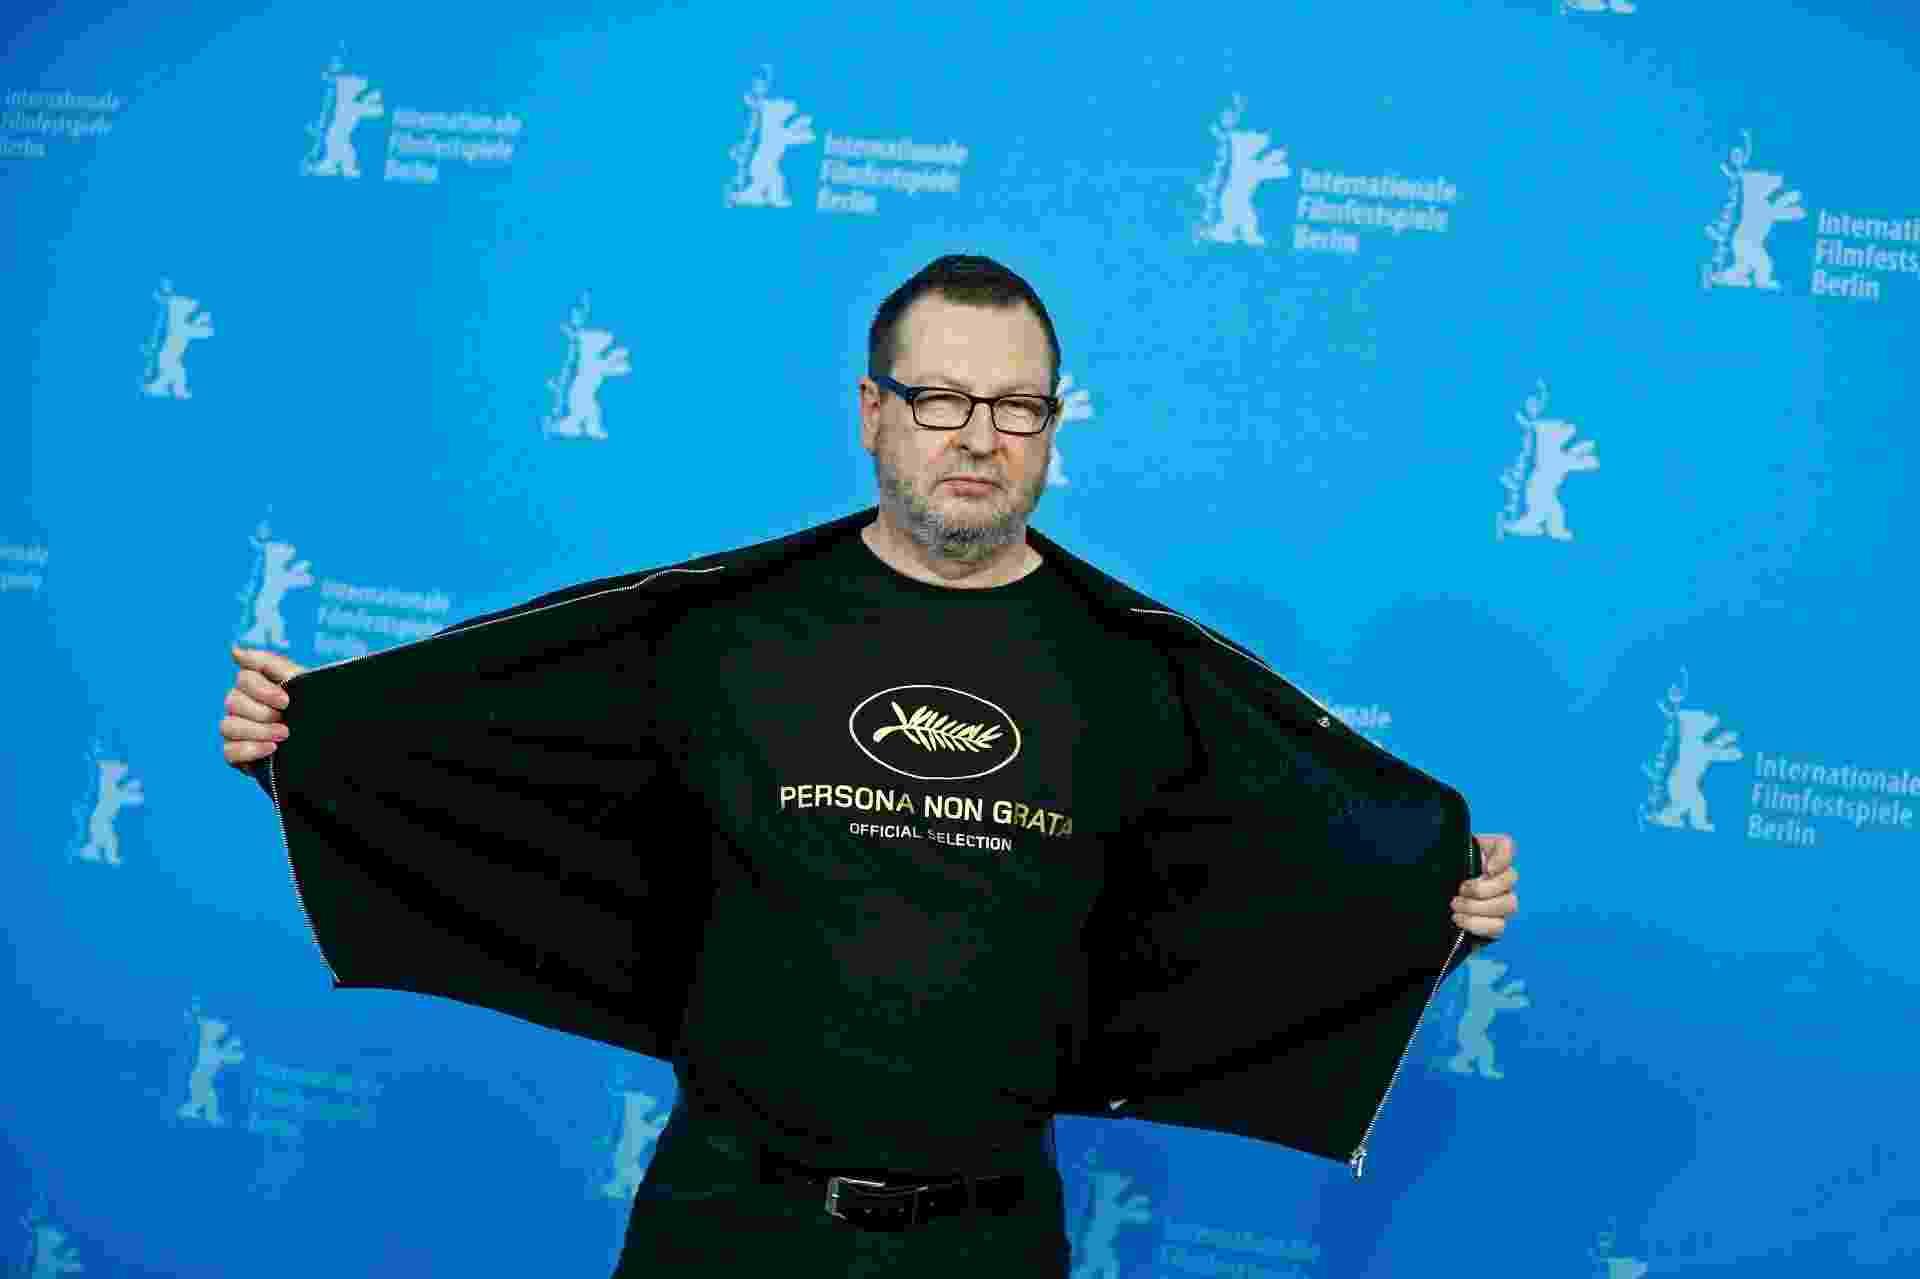 """9.fev.2014 - Lars Von Trier ironiza o apelido que recebeu no festival de Cannes, com a declaração """"persona non grata"""" estampada na camiseta - Tobias Schwarz/Reuters"""